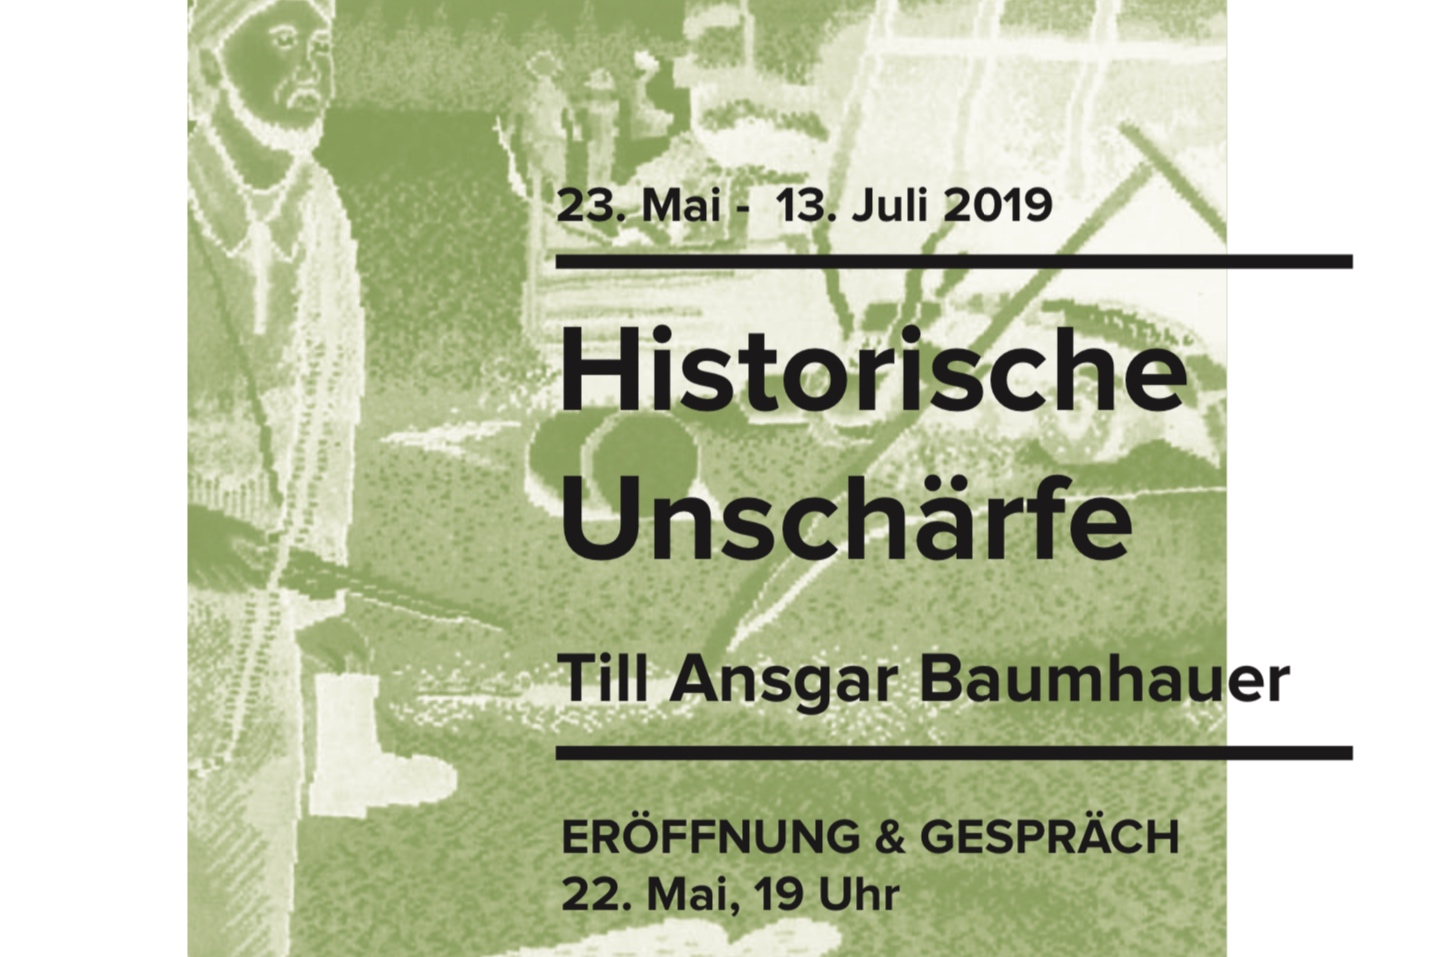 TILL ANSGAR BAUMHAUER - Historische Unschärfe - 23. Mai - 13. Juli 2019